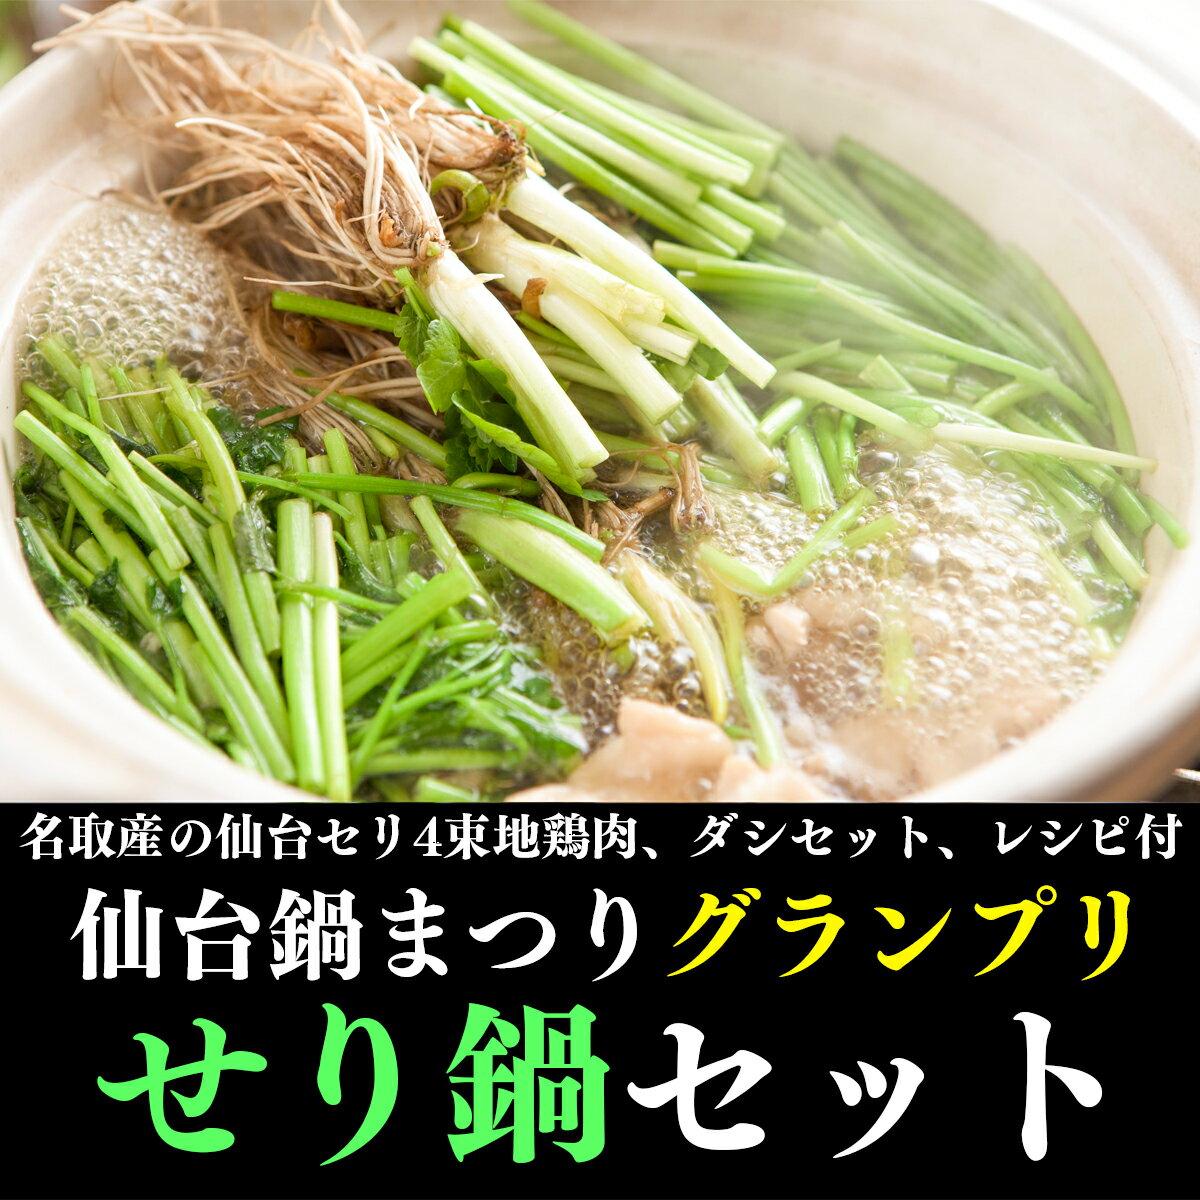 【ふるさと納税】<冬季限定販売!>名取名産 美味なる根っこを食す「せり鍋セット」